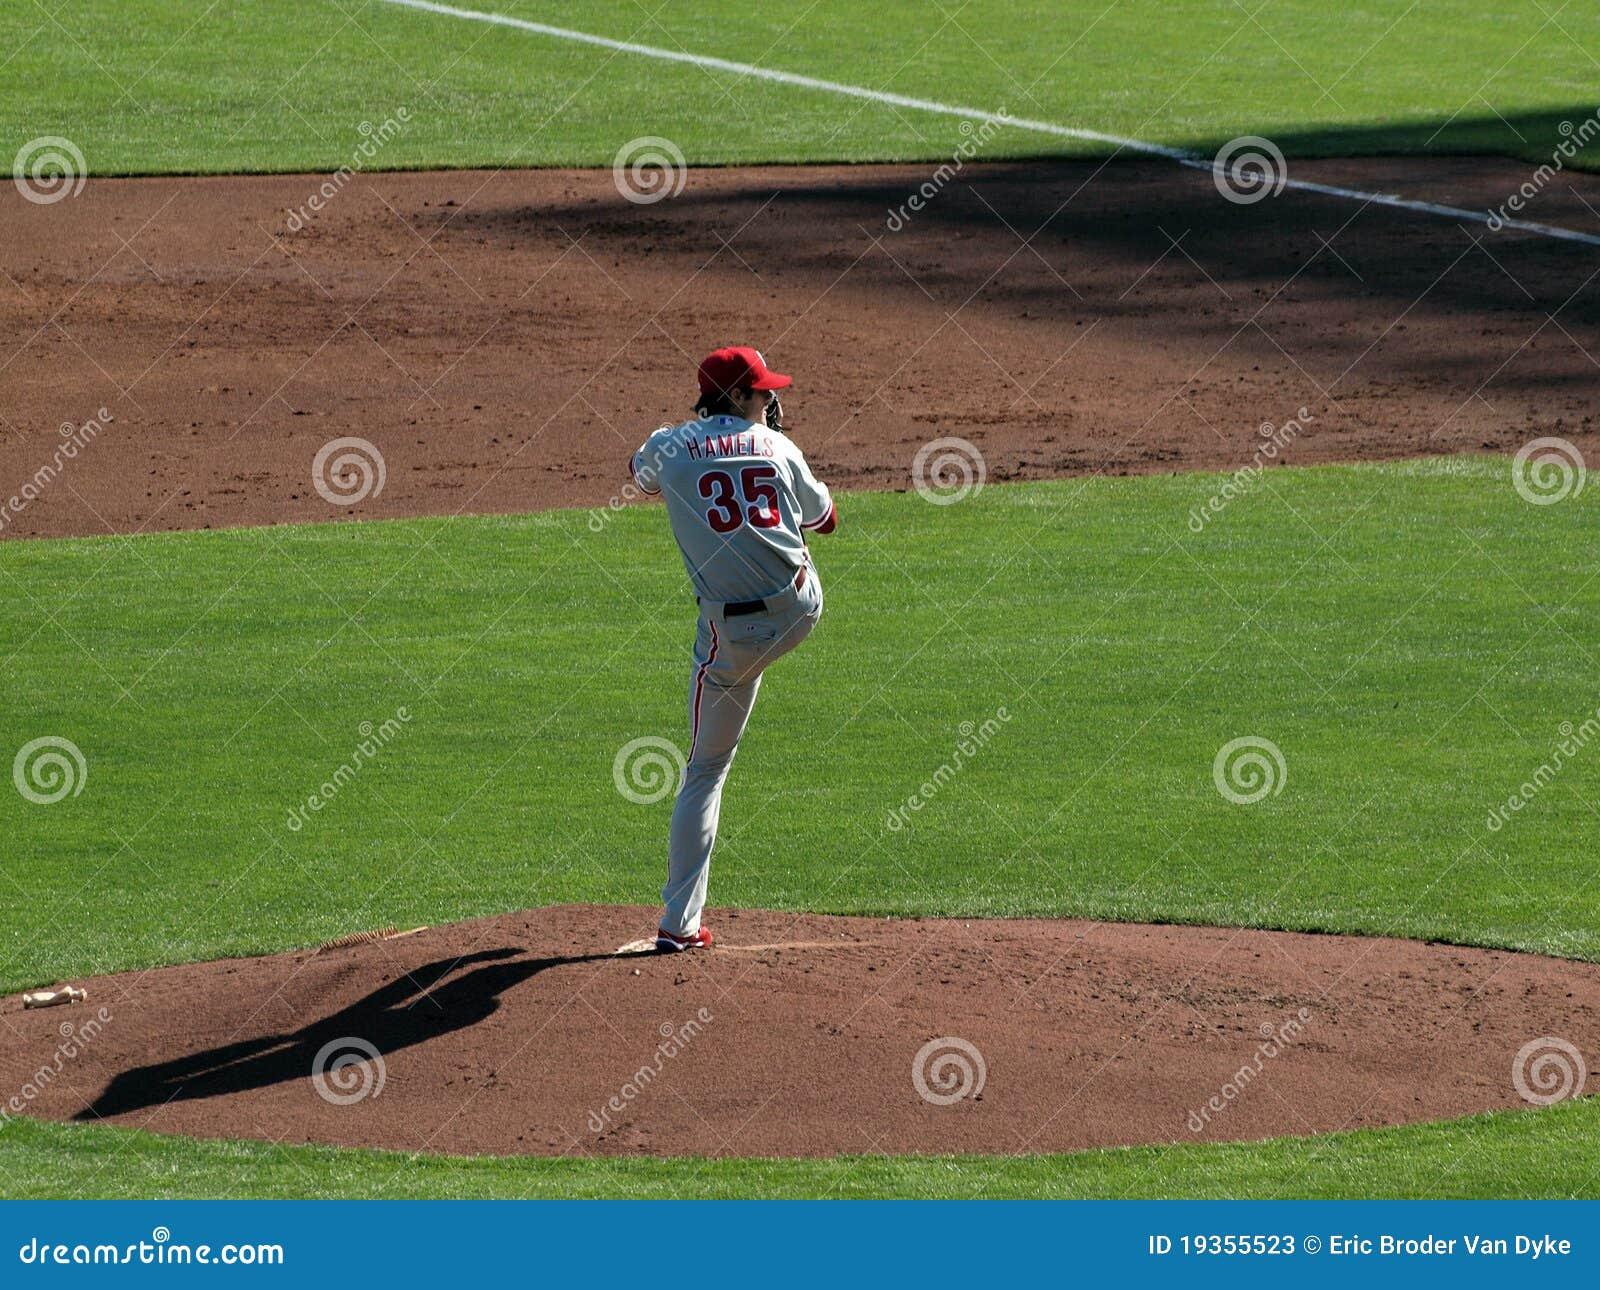 O jarro levanta a elevação do pé enquanto se ajusta ao passo do throw